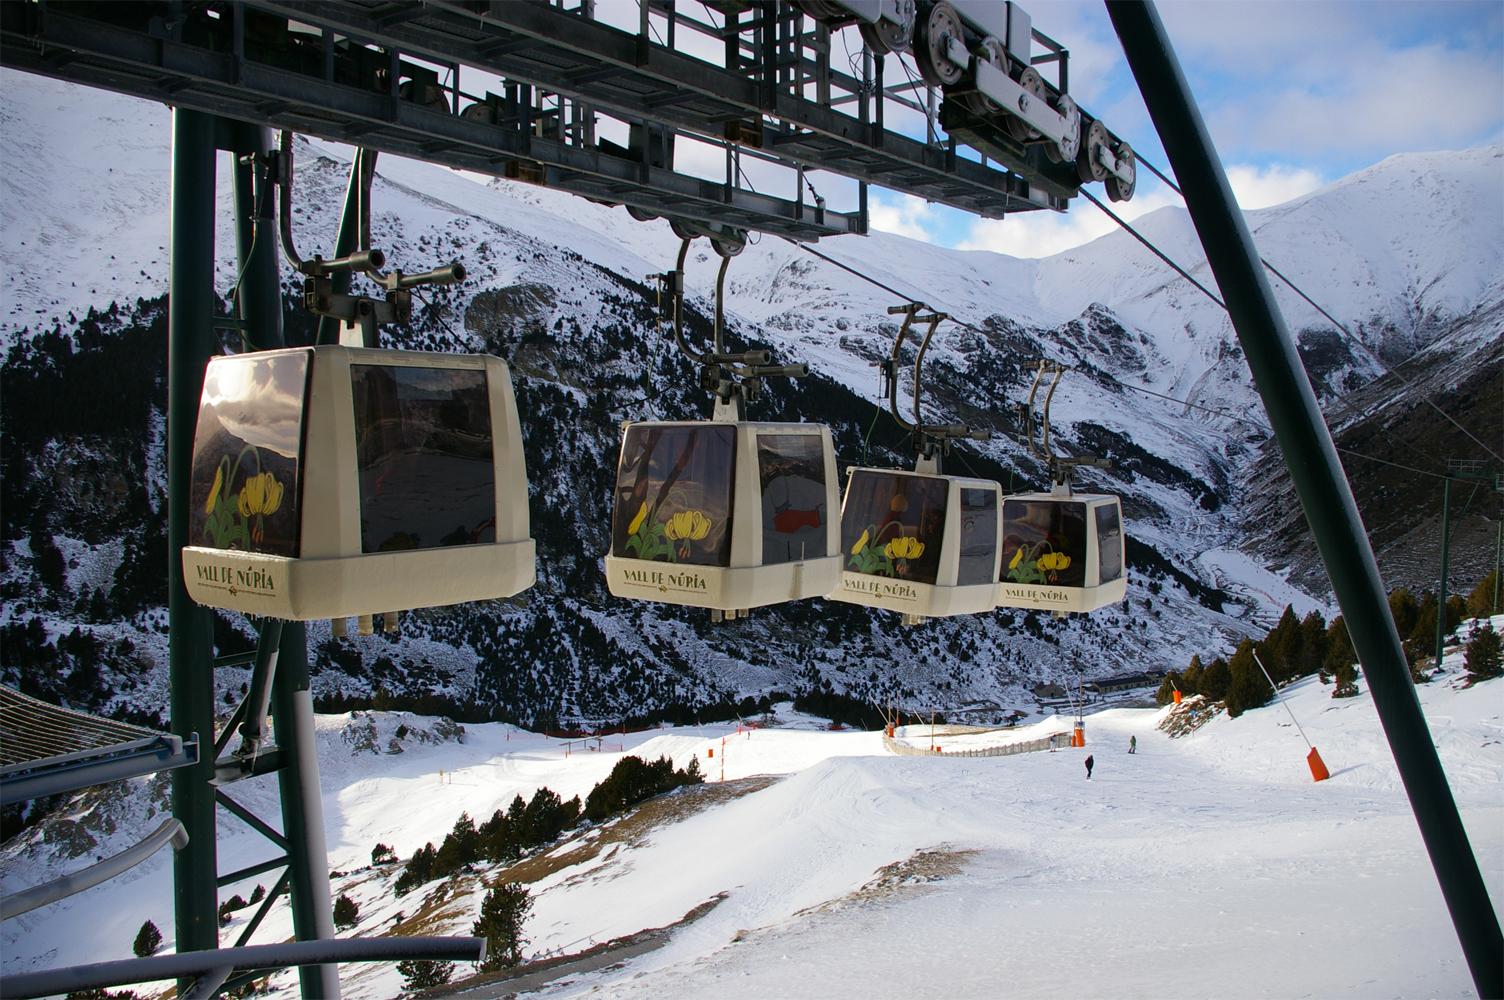 estaciones de esquí Vall de Núria (Ripollès, Catalunya)